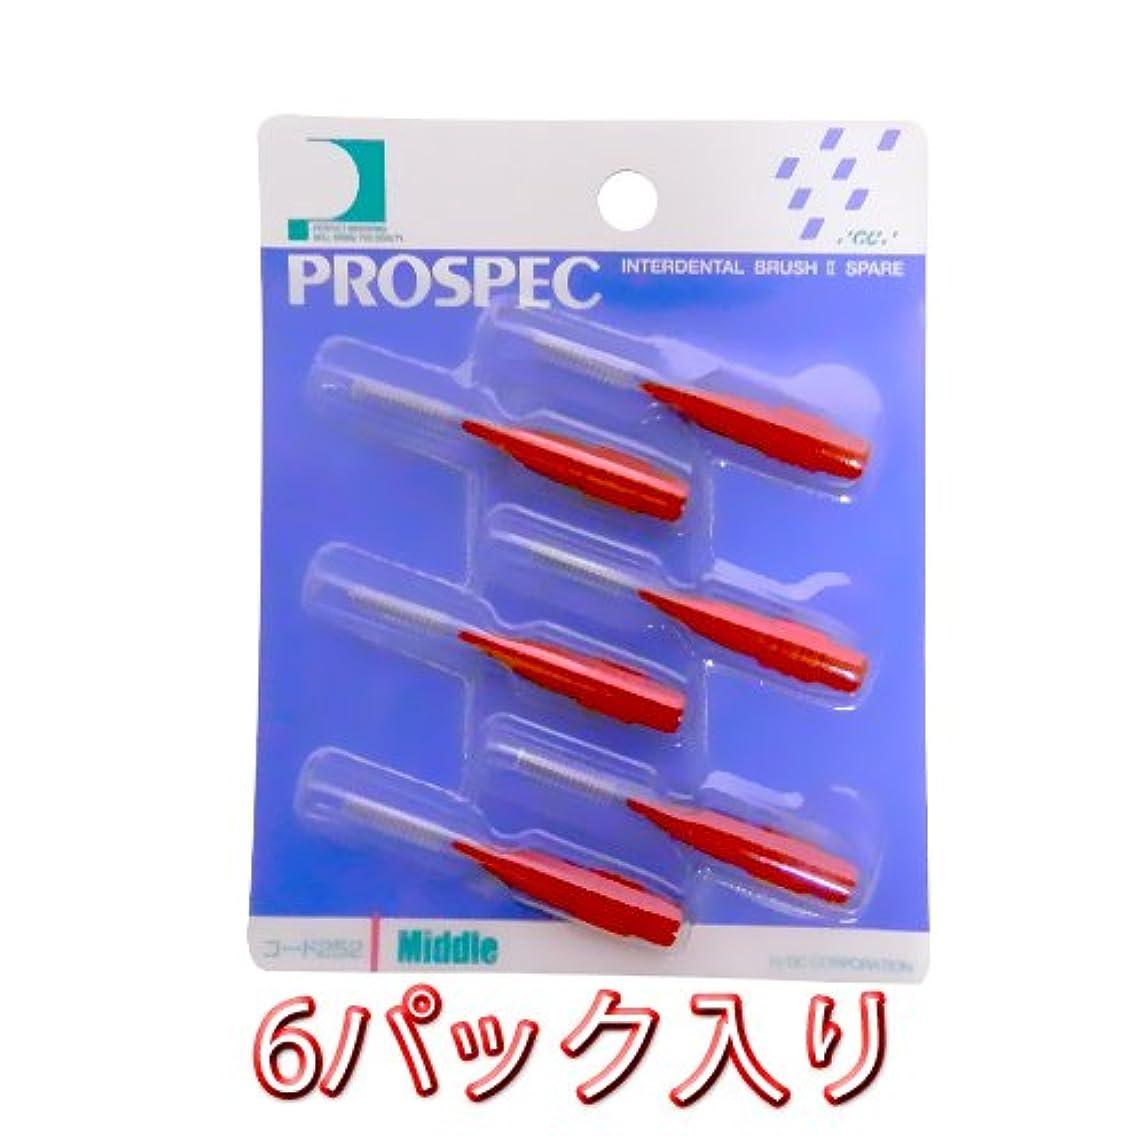 プロスペック 歯間ブラシ2 スペアー ブラシのみ6本入 × 6パック M レッド